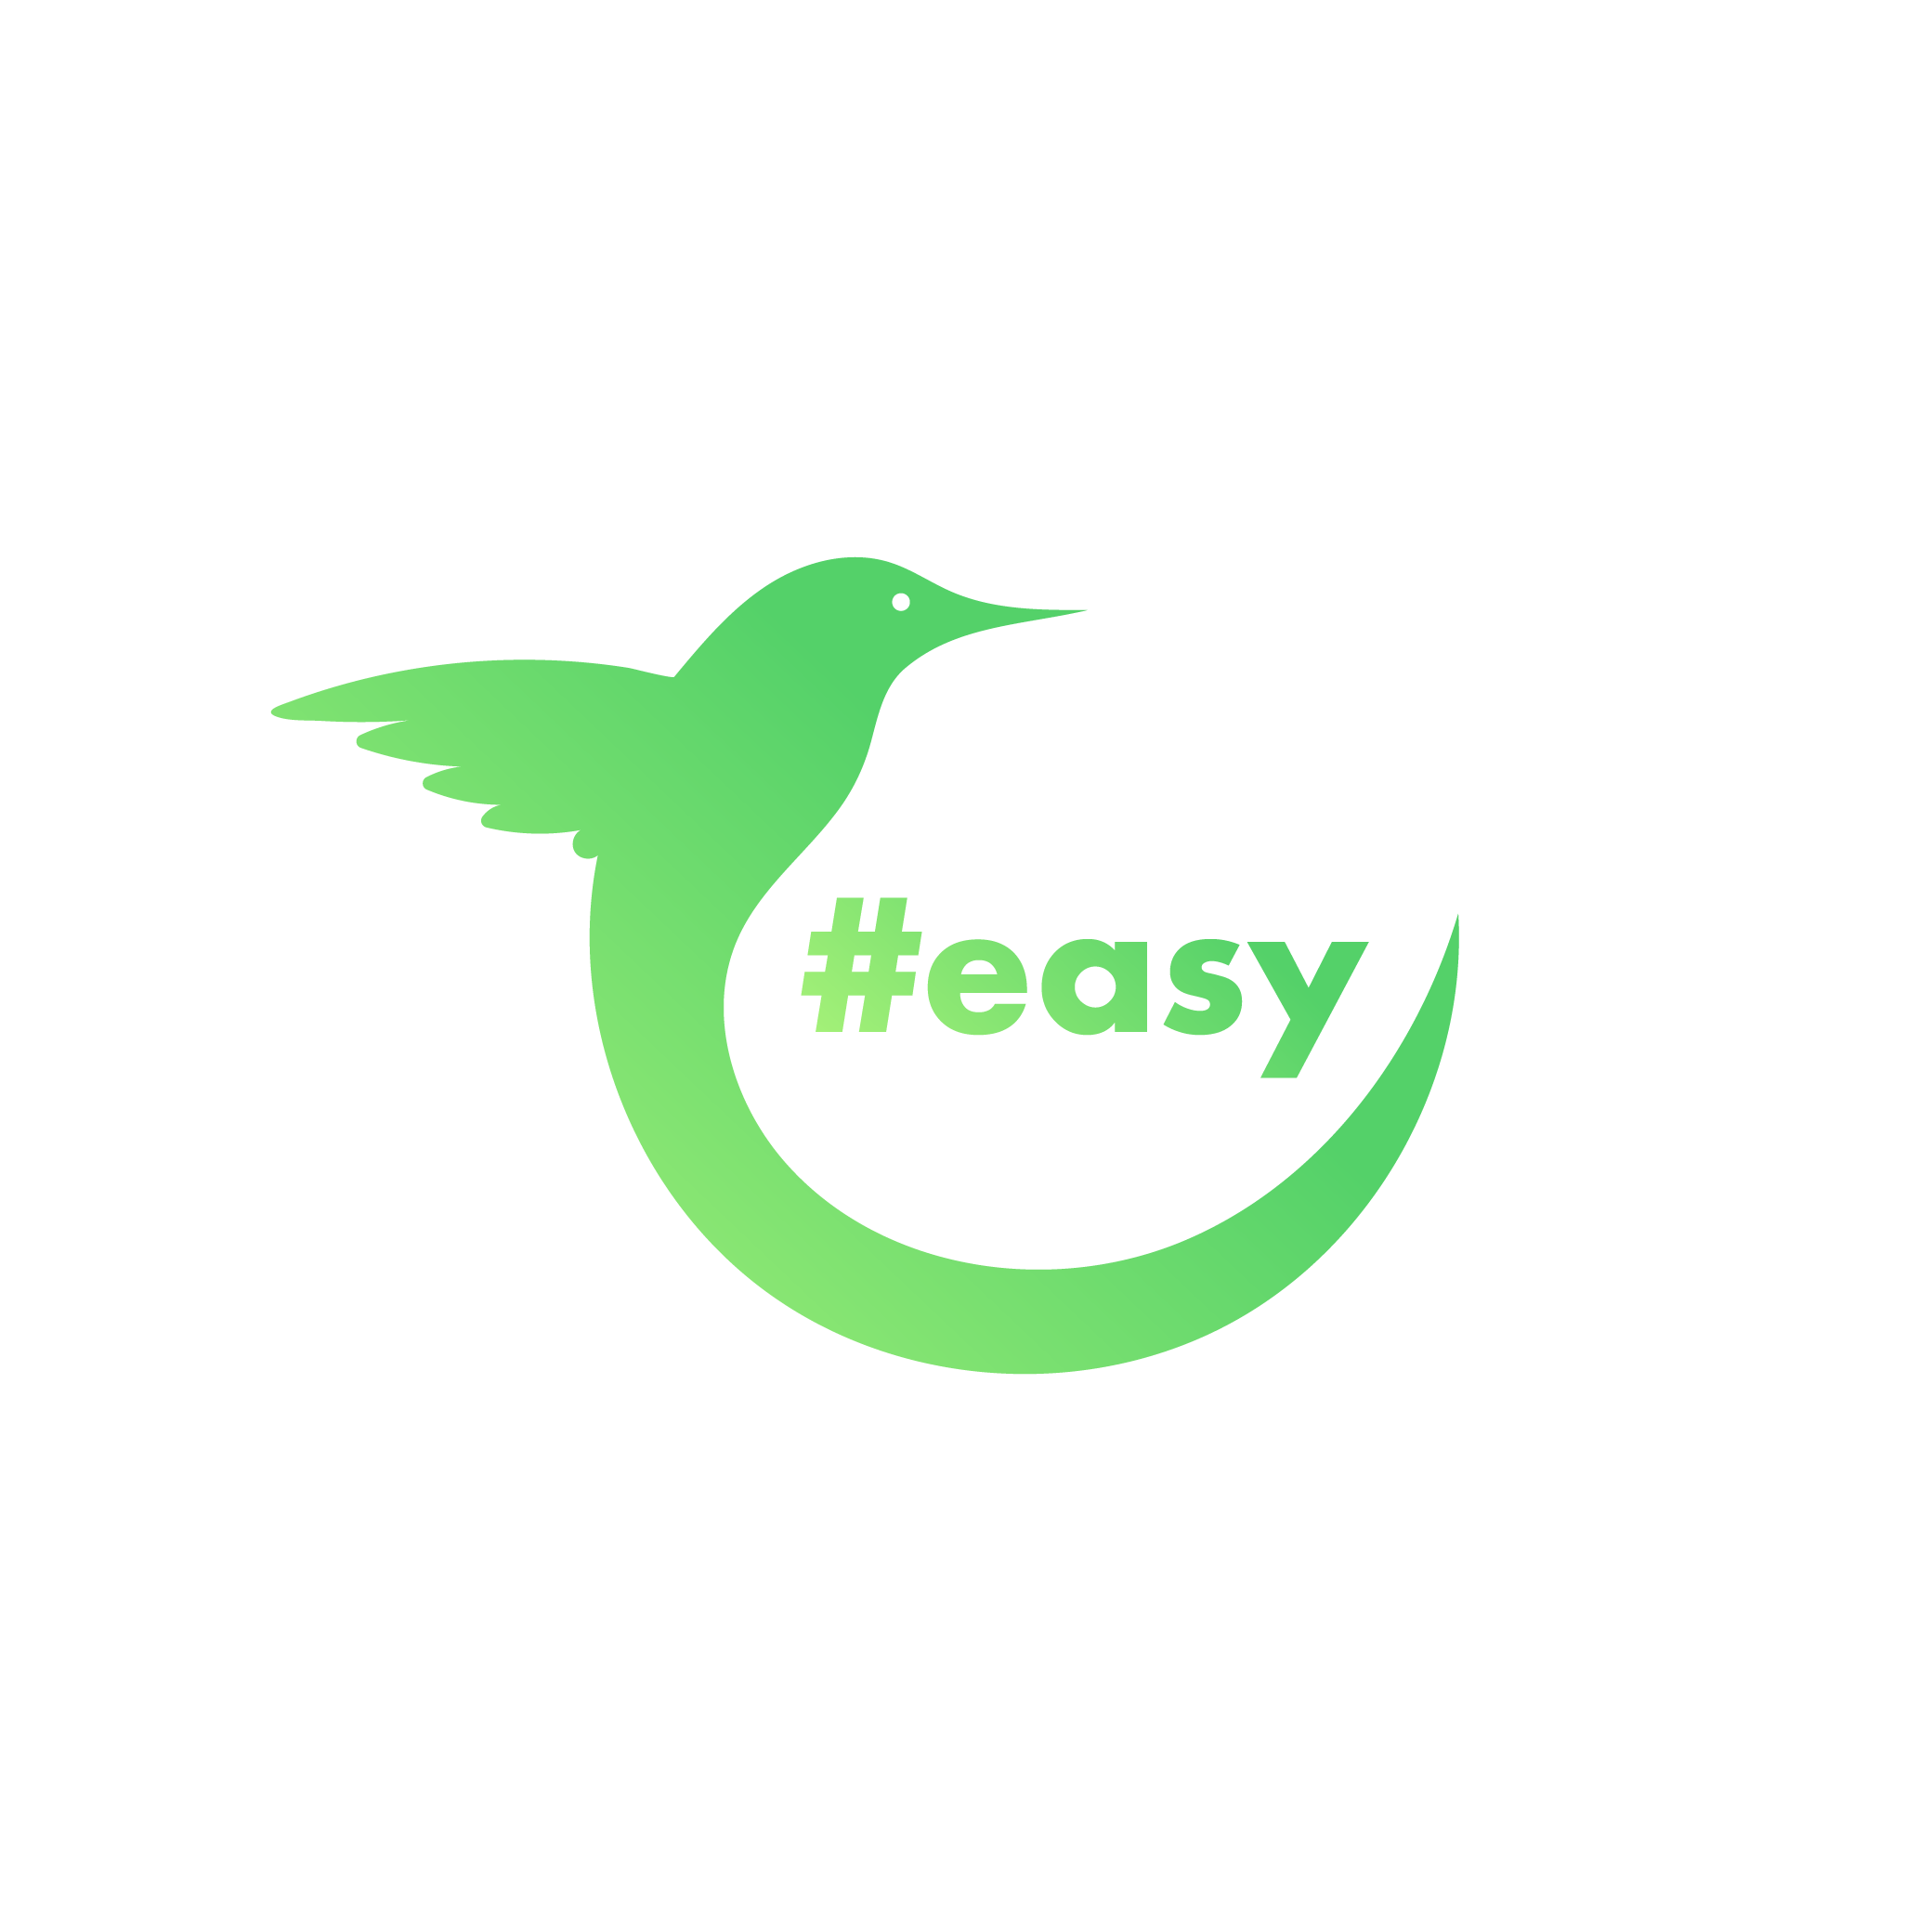 Разработка логотипа в виде хэштега #easy с зеленой колибри  фото f_8865d4dc5a1cd689.png